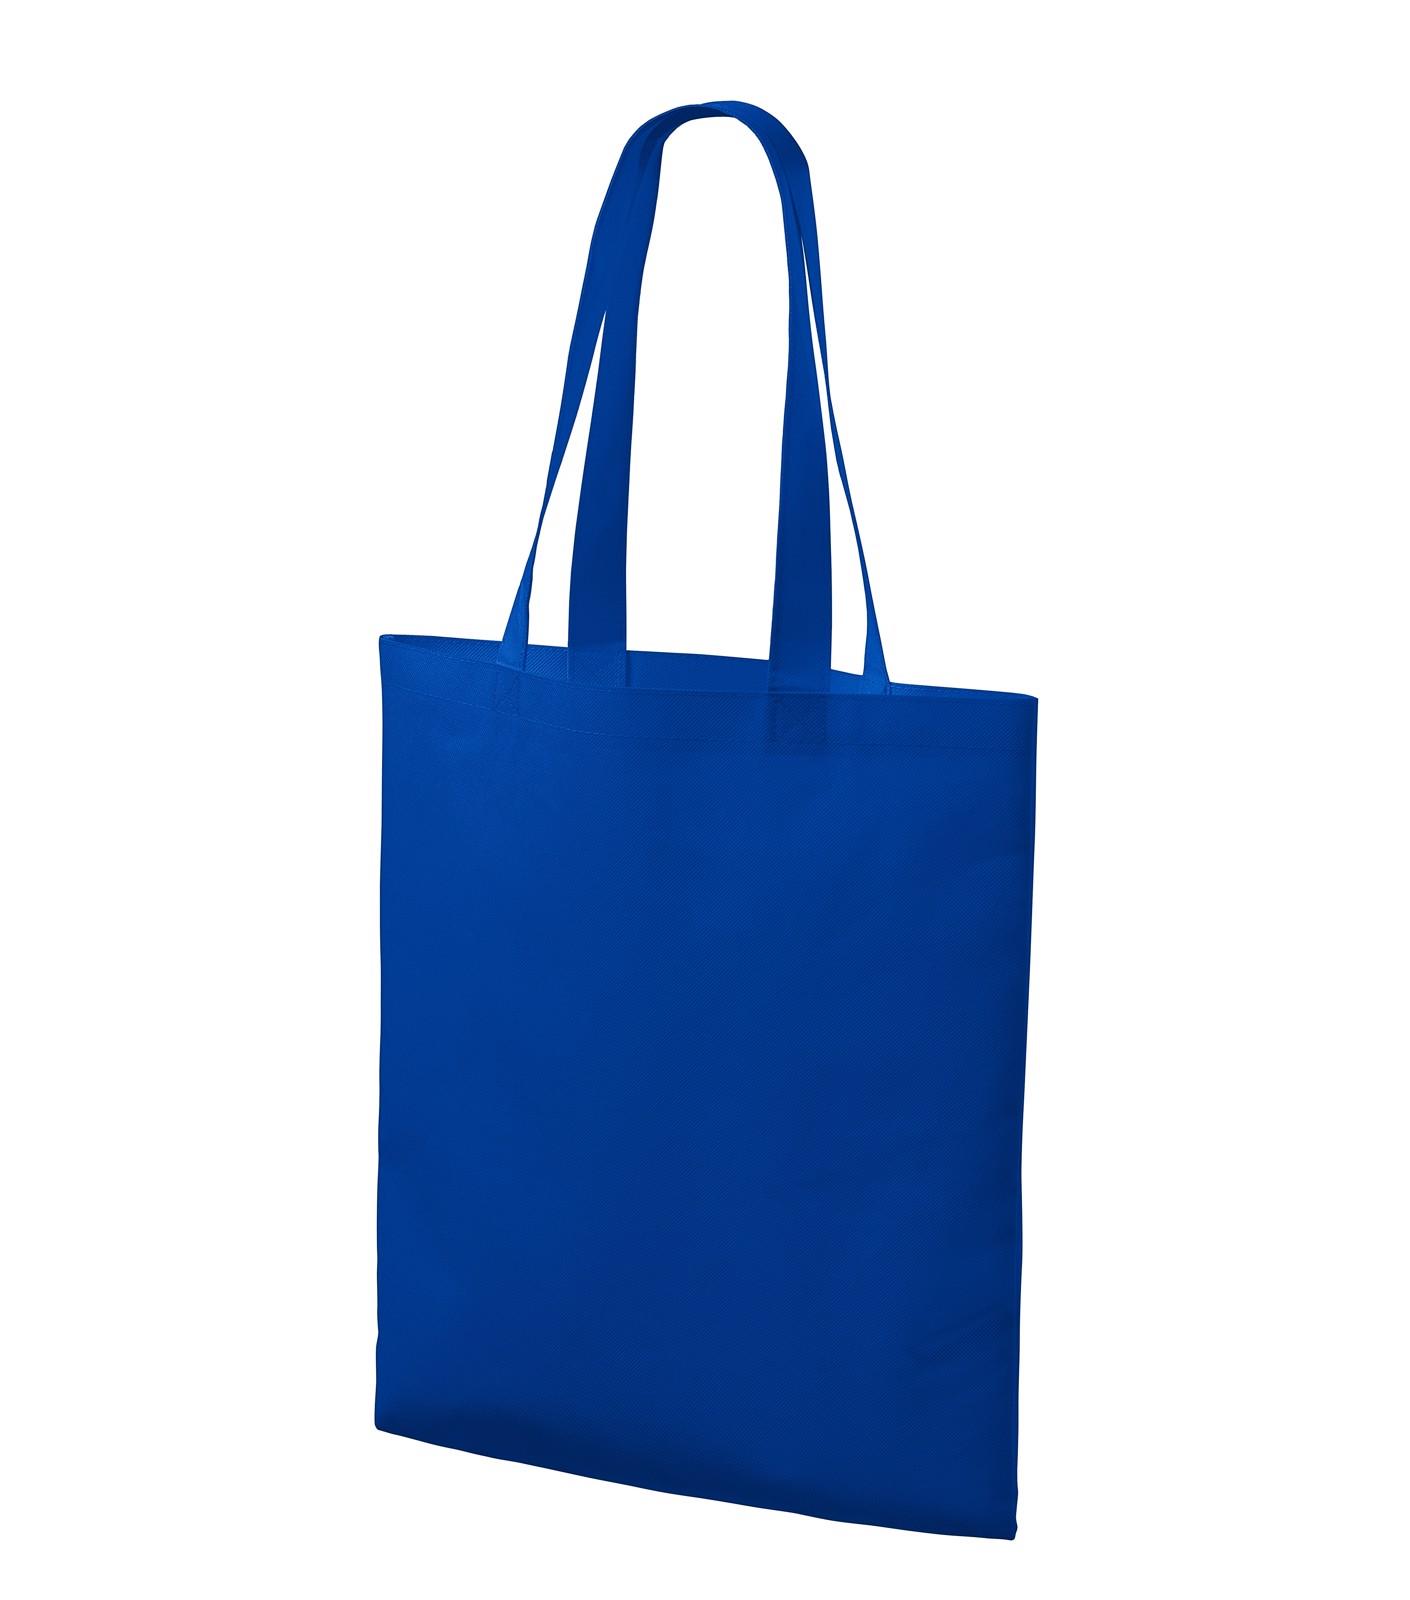 Nákupní taška unisex Piccolio Bloom - Královská Modrá / uni